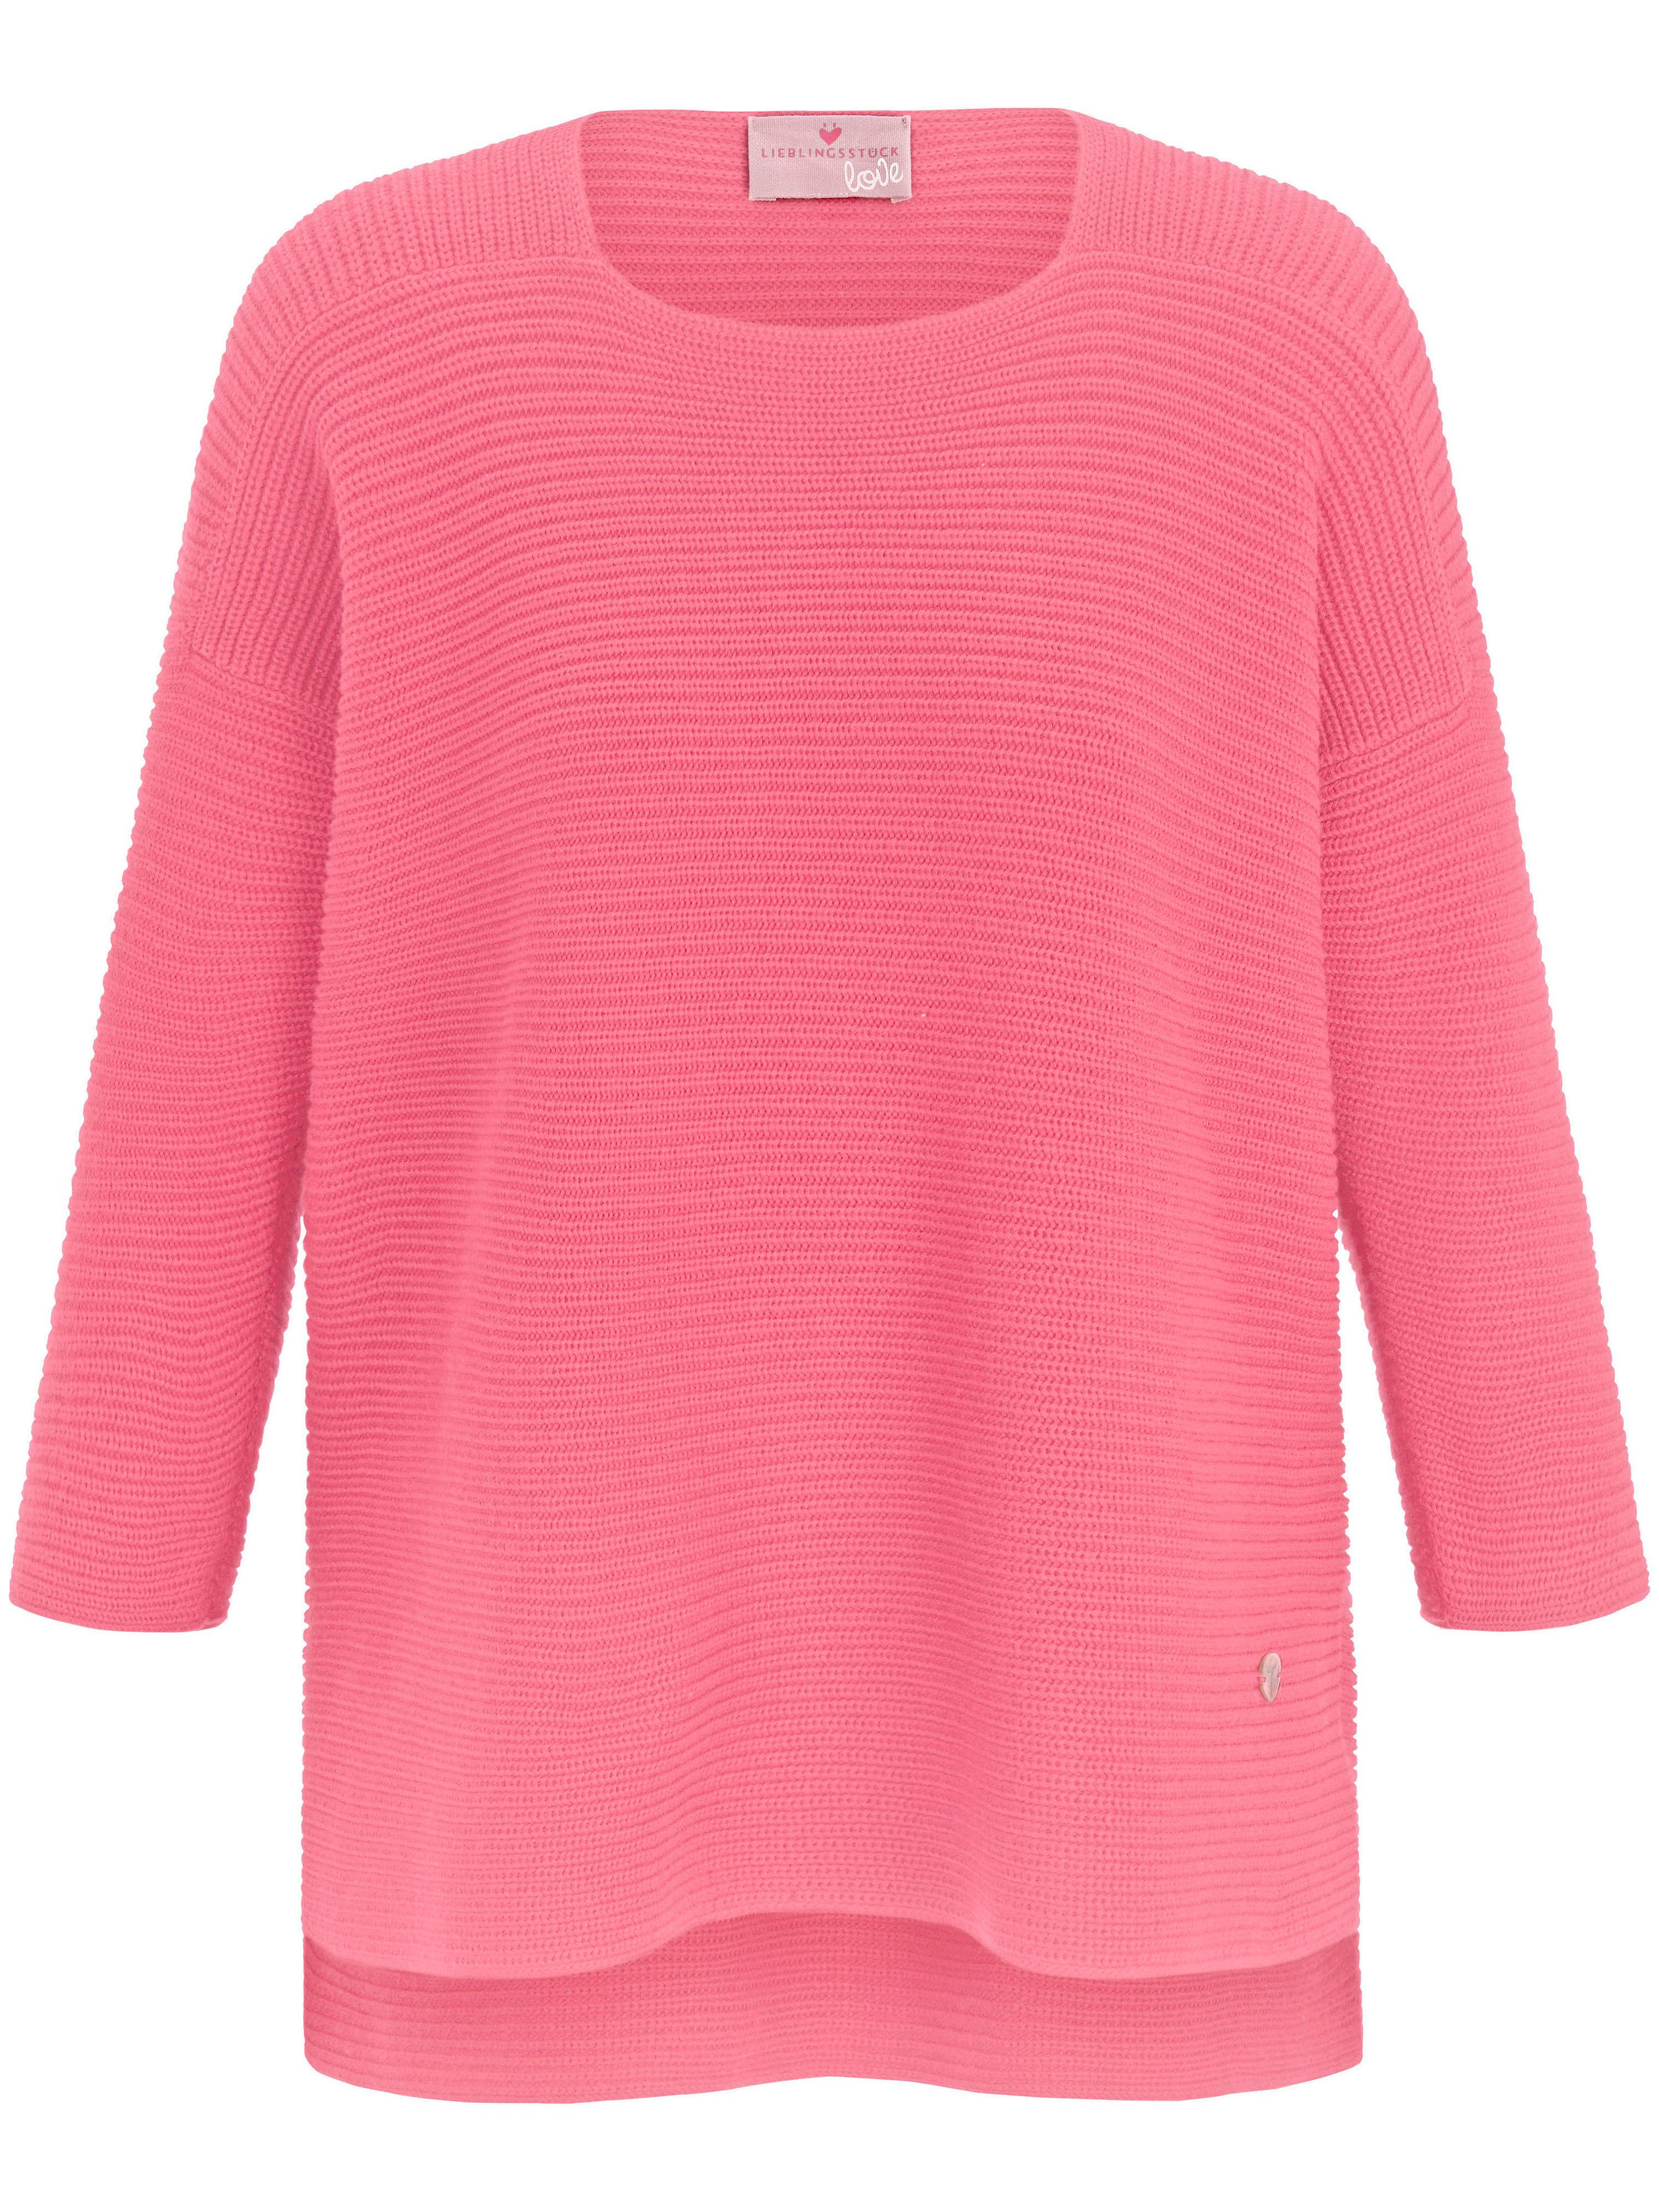 Image of   Strikbluse Fra LIEBLINGSSTÜCK pink